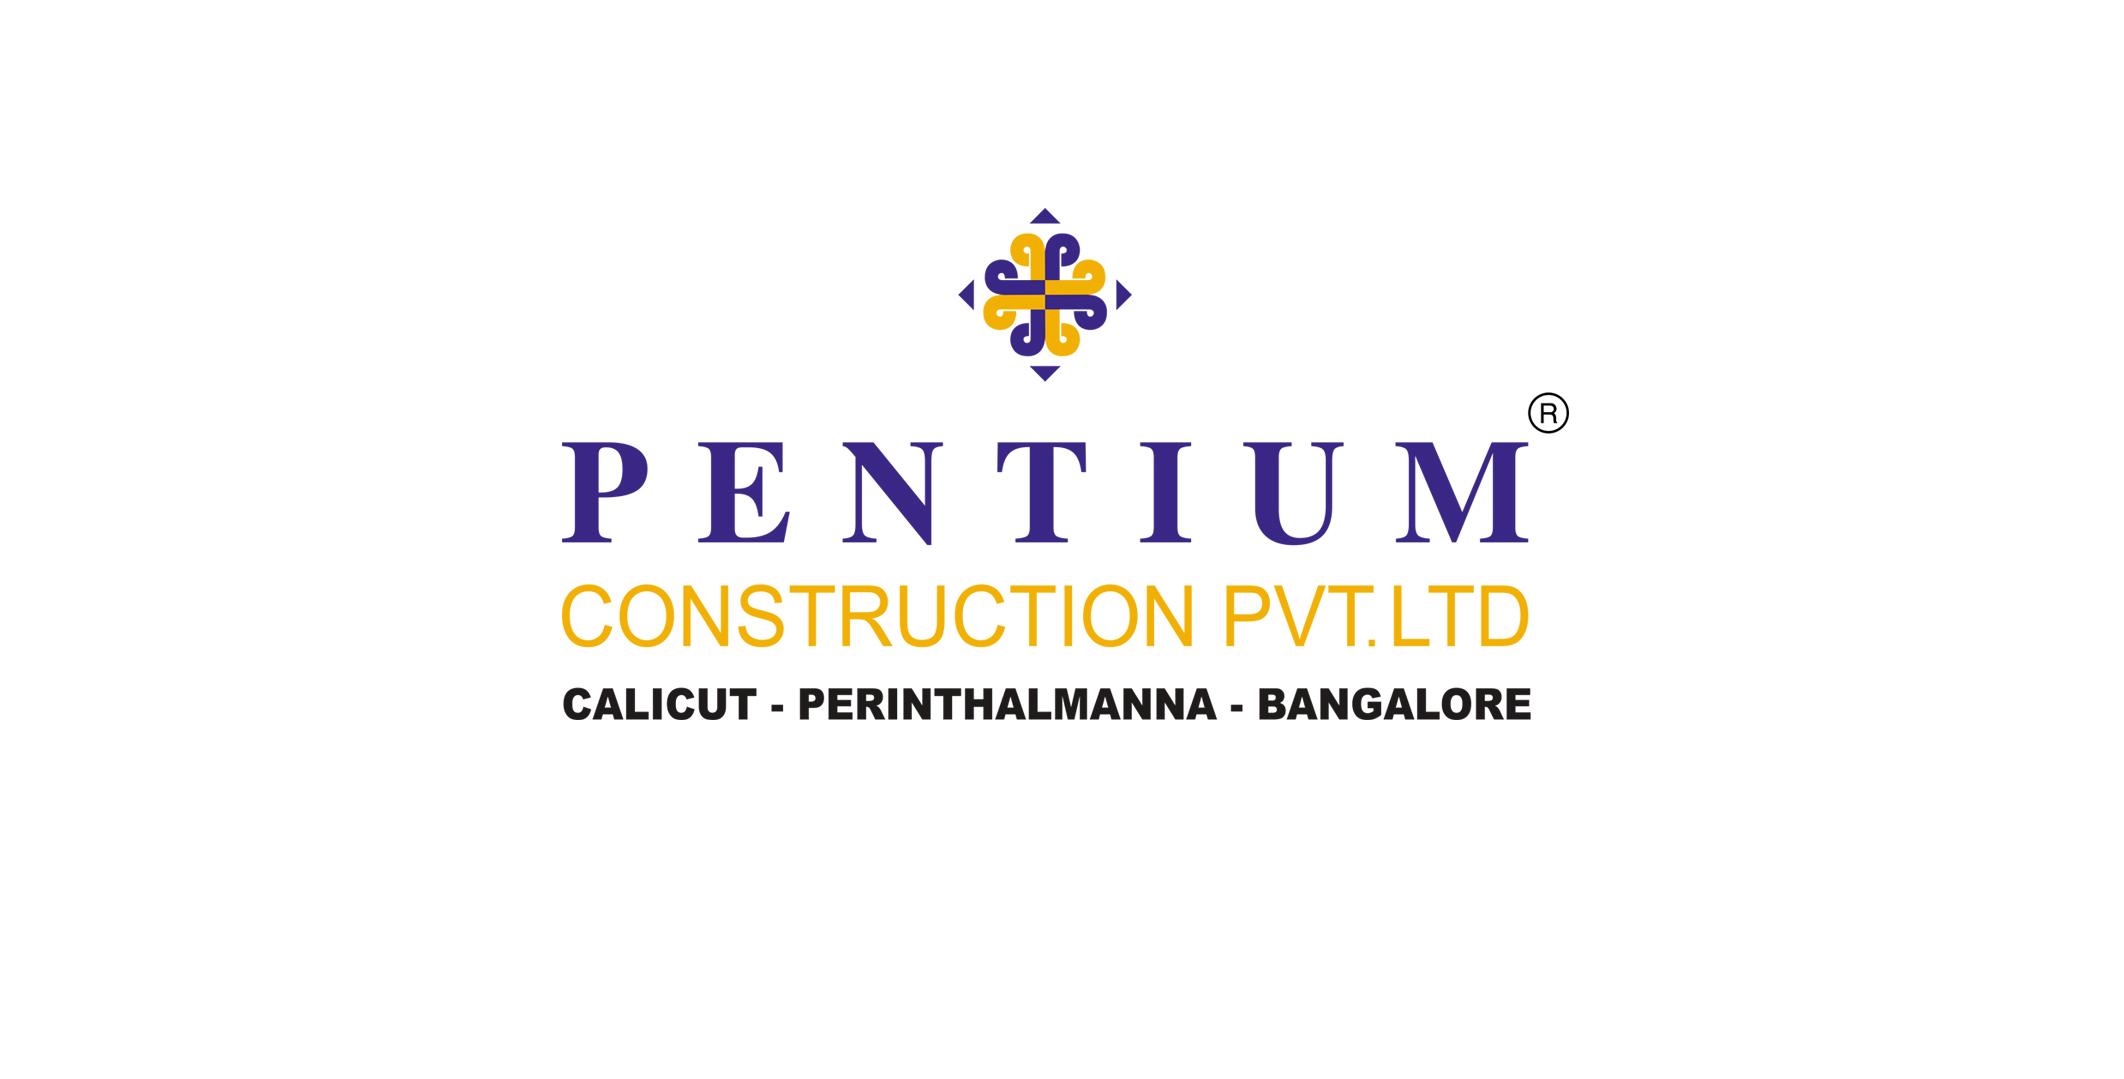 Pentium Constructions